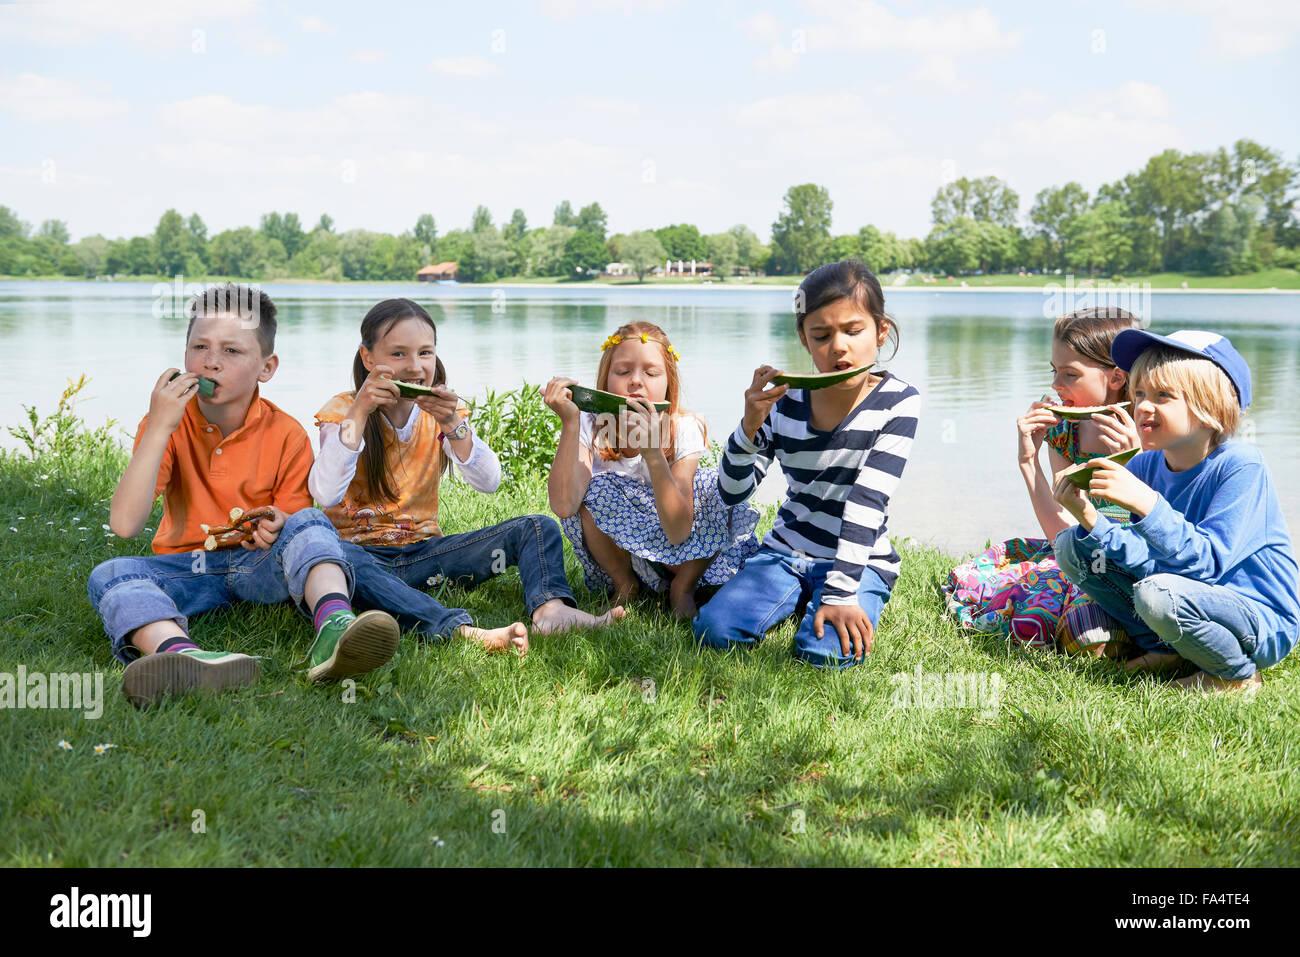 Bambini godendo delle fette di anguria a picnic, Monaco di Baviera, Germania Immagini Stock